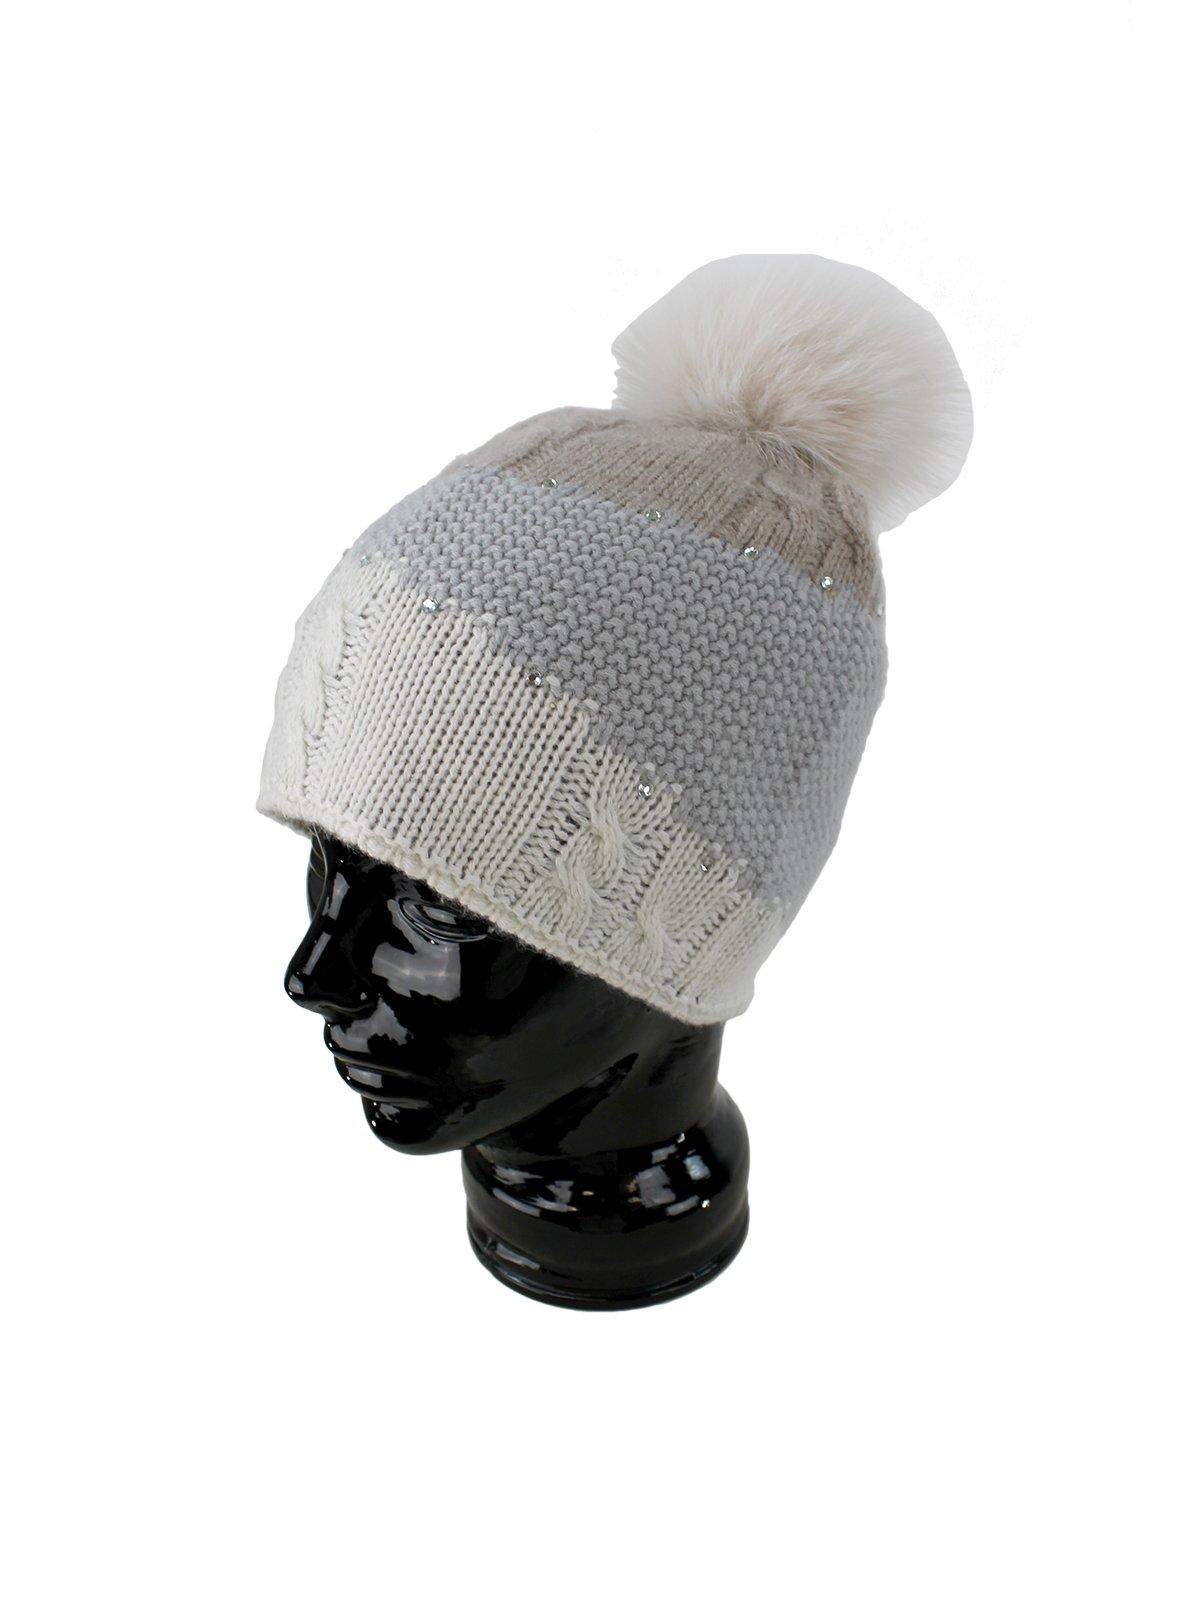 Woman's Cream, Beige and Grey Wool Knit Hat with Fox Fur Pom Pom